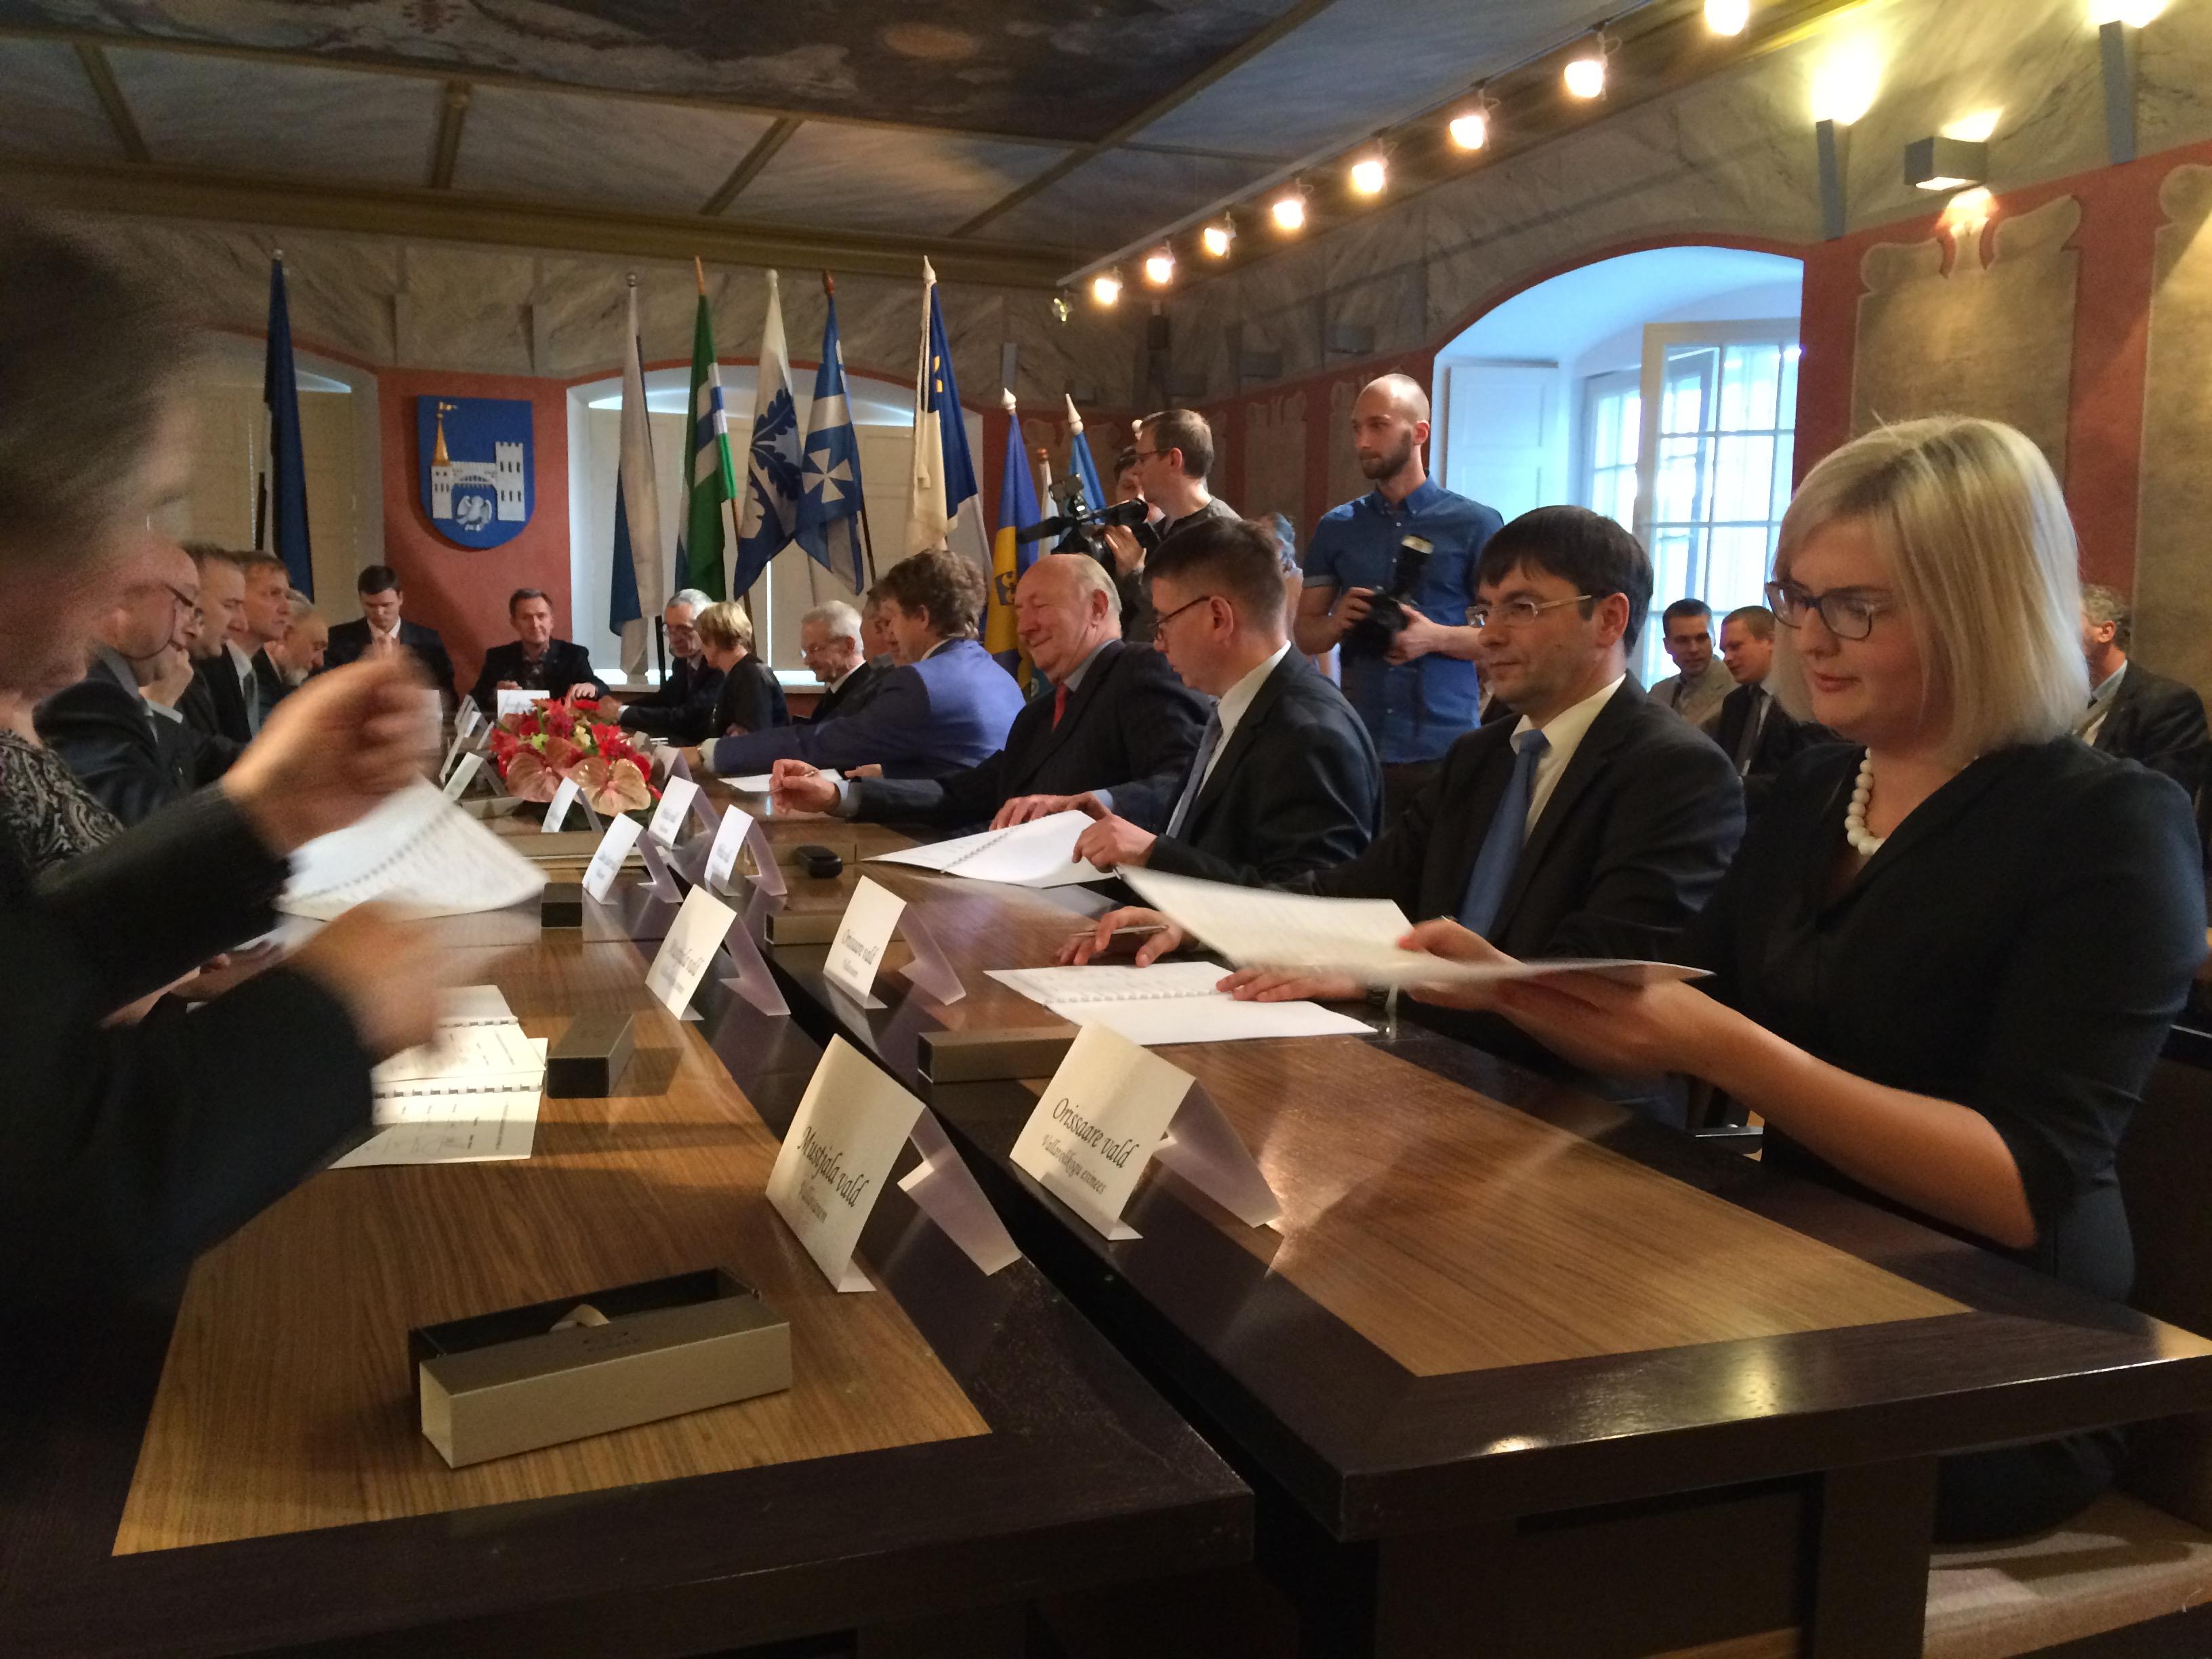 Täna kell 15kirjutasid Kuressaare raekojas Saaremaa valla ühinemislepingule alla 11 valla vanemad ja volikogu esimehed. Kohal viibinud riigihladuse minister Mihhail Korb ütles tervituses et kindlasti on saarlased muule Eestile eeskujuks.